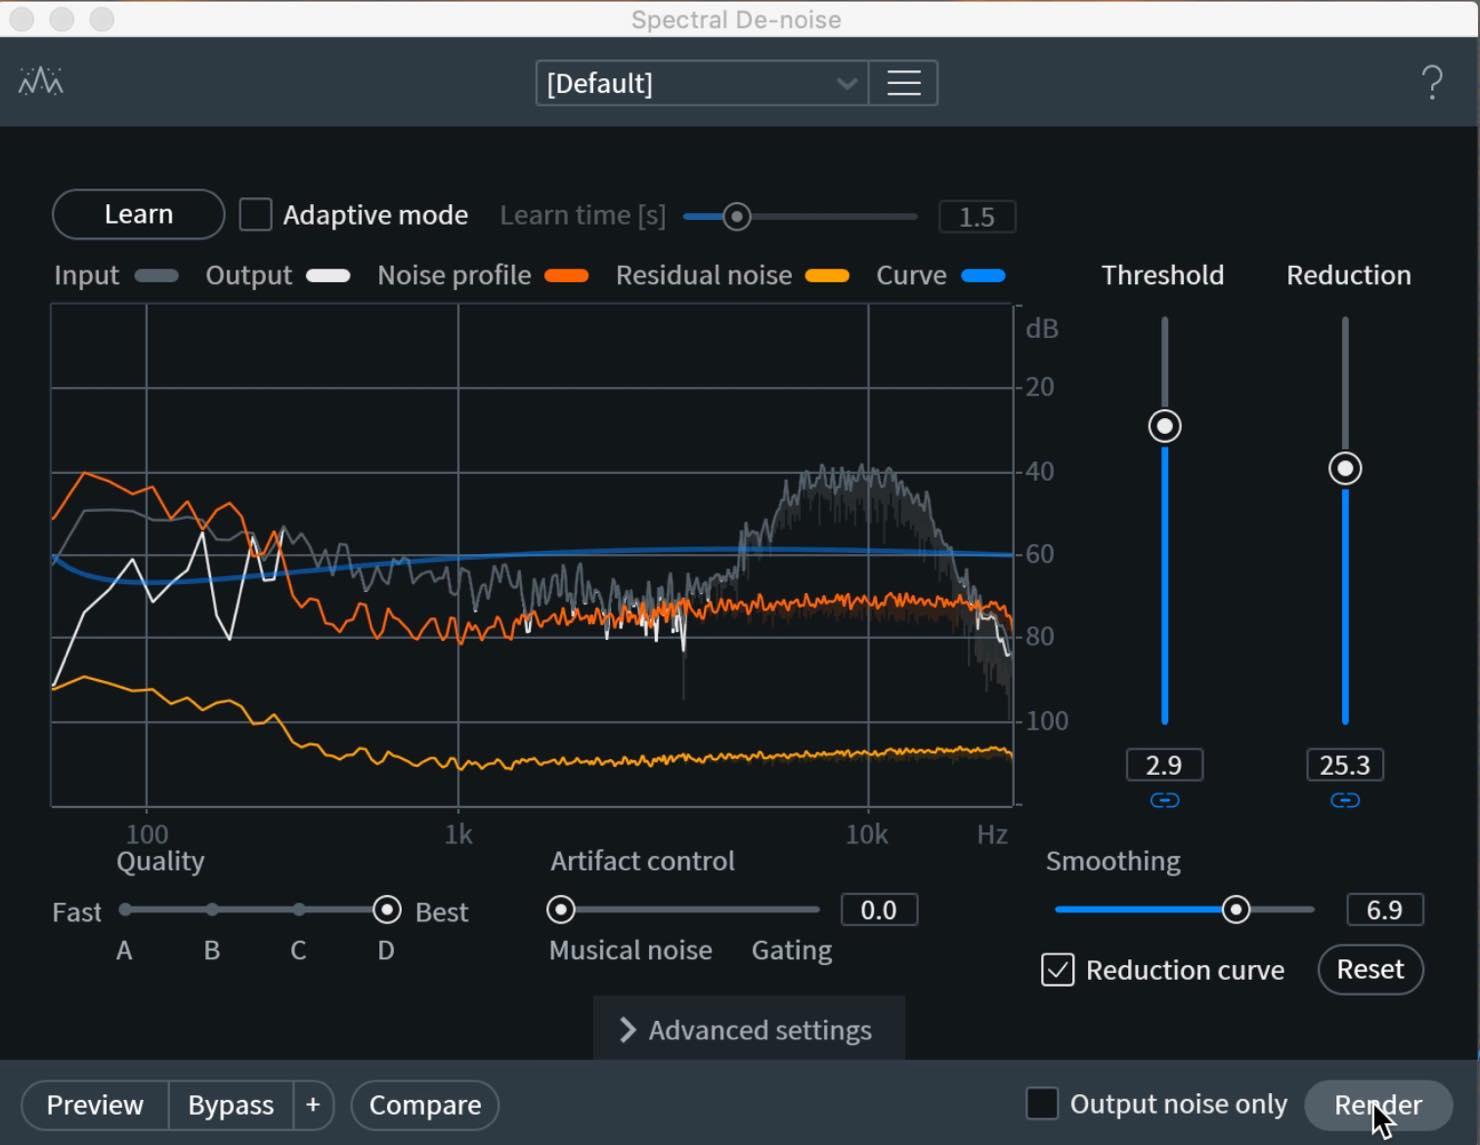 spectral de-noise